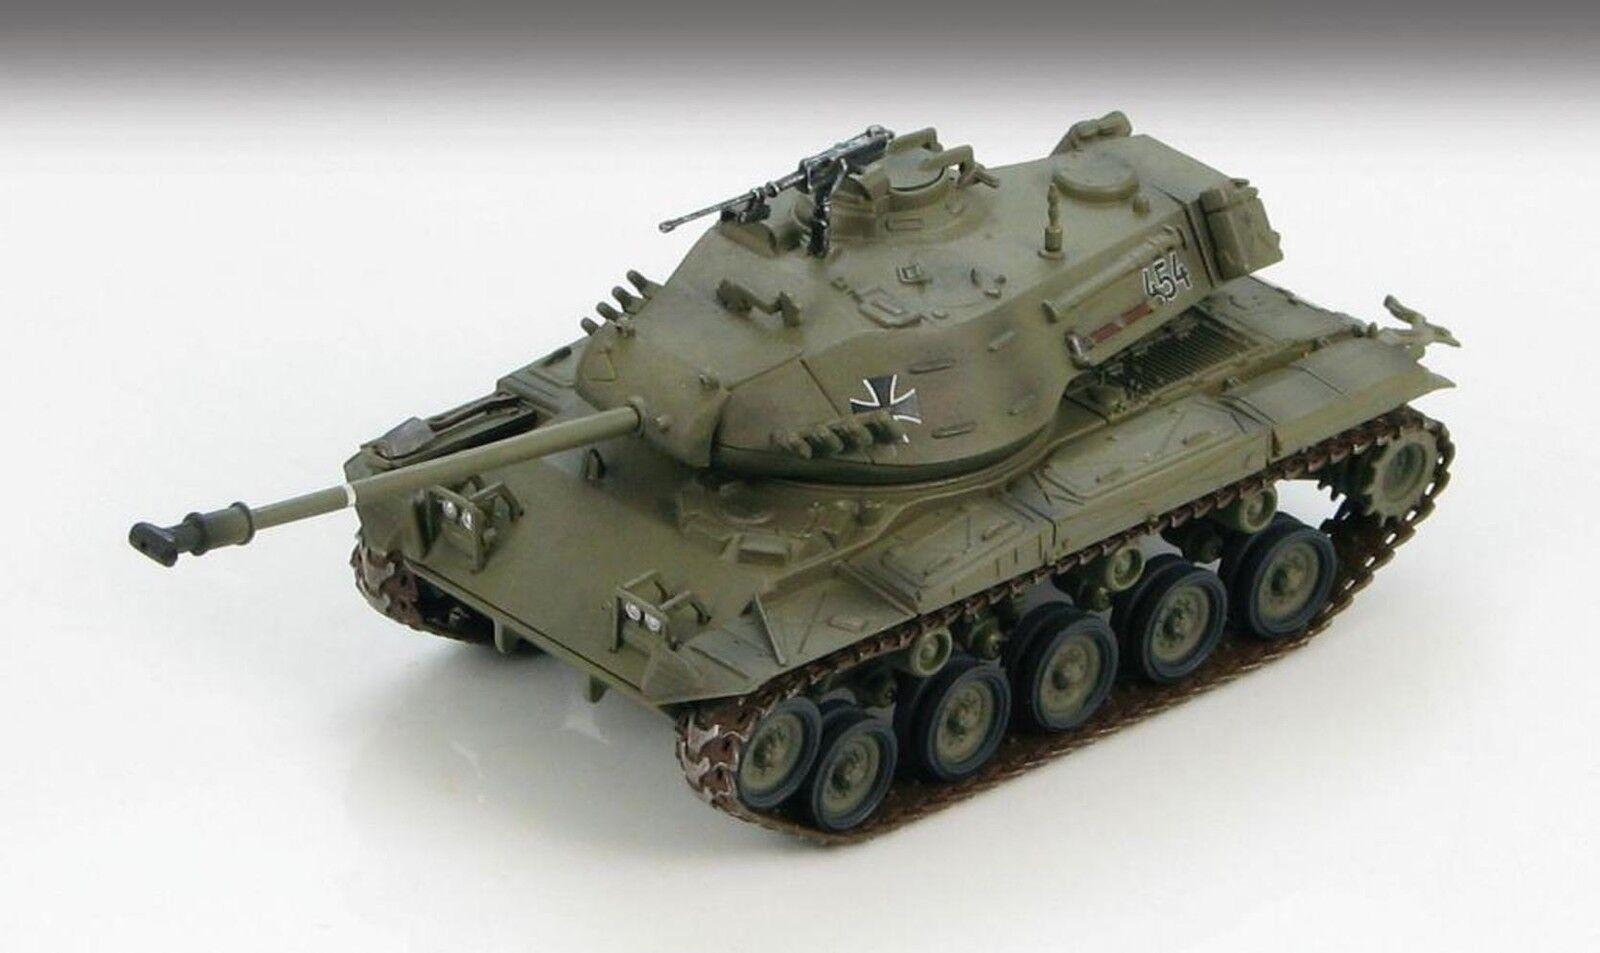 mejor reputación Hobby Hobby Hobby Máster 1 72 M41G Walker Bulldog Ejército Alemán  454 1950s HG5305  minoristas en línea